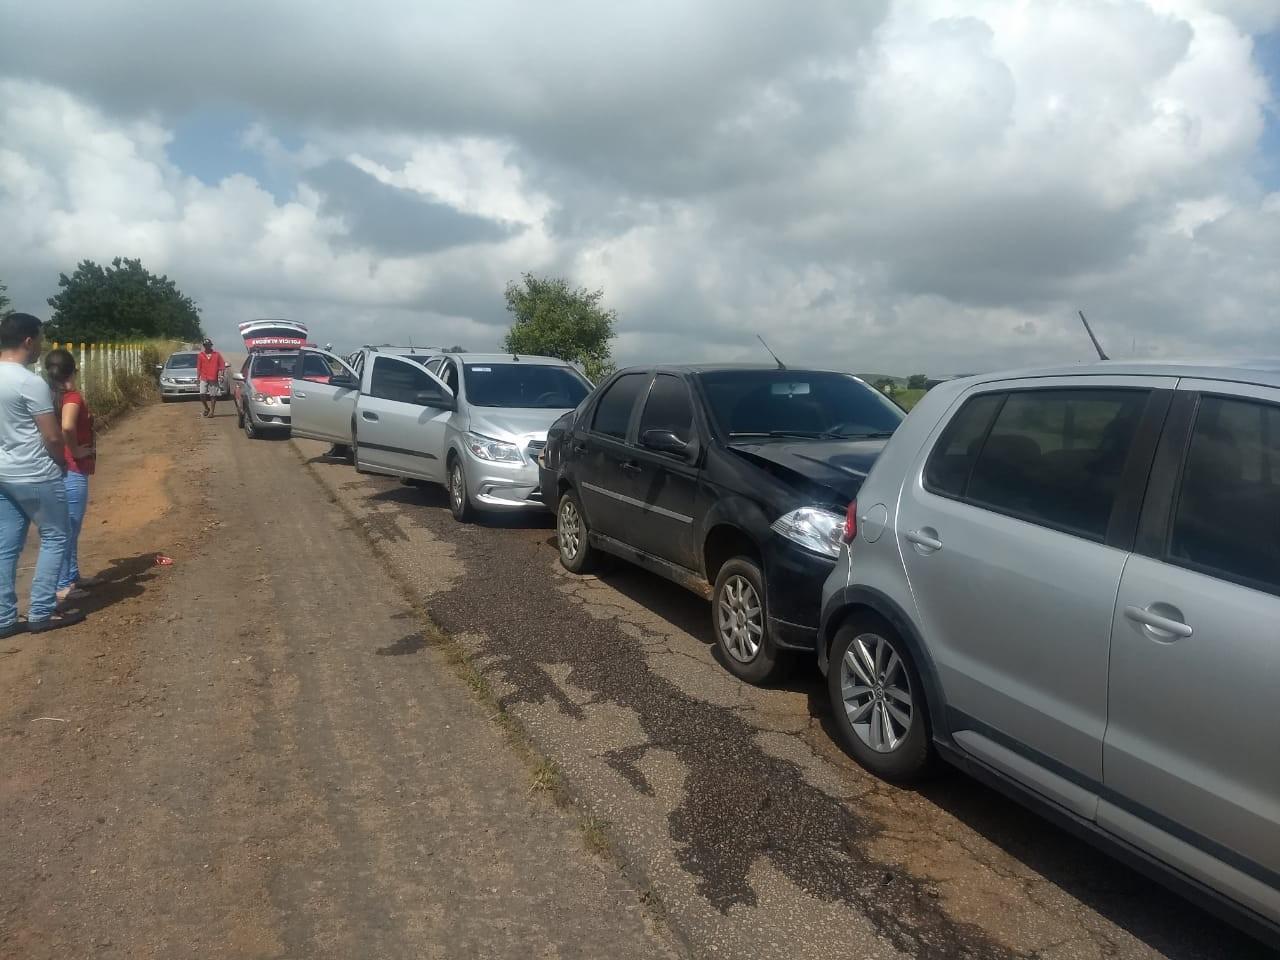 Quatro carros se envolvem em engavetamento em Arapiraca, AL - Notícias - Plantão Diário